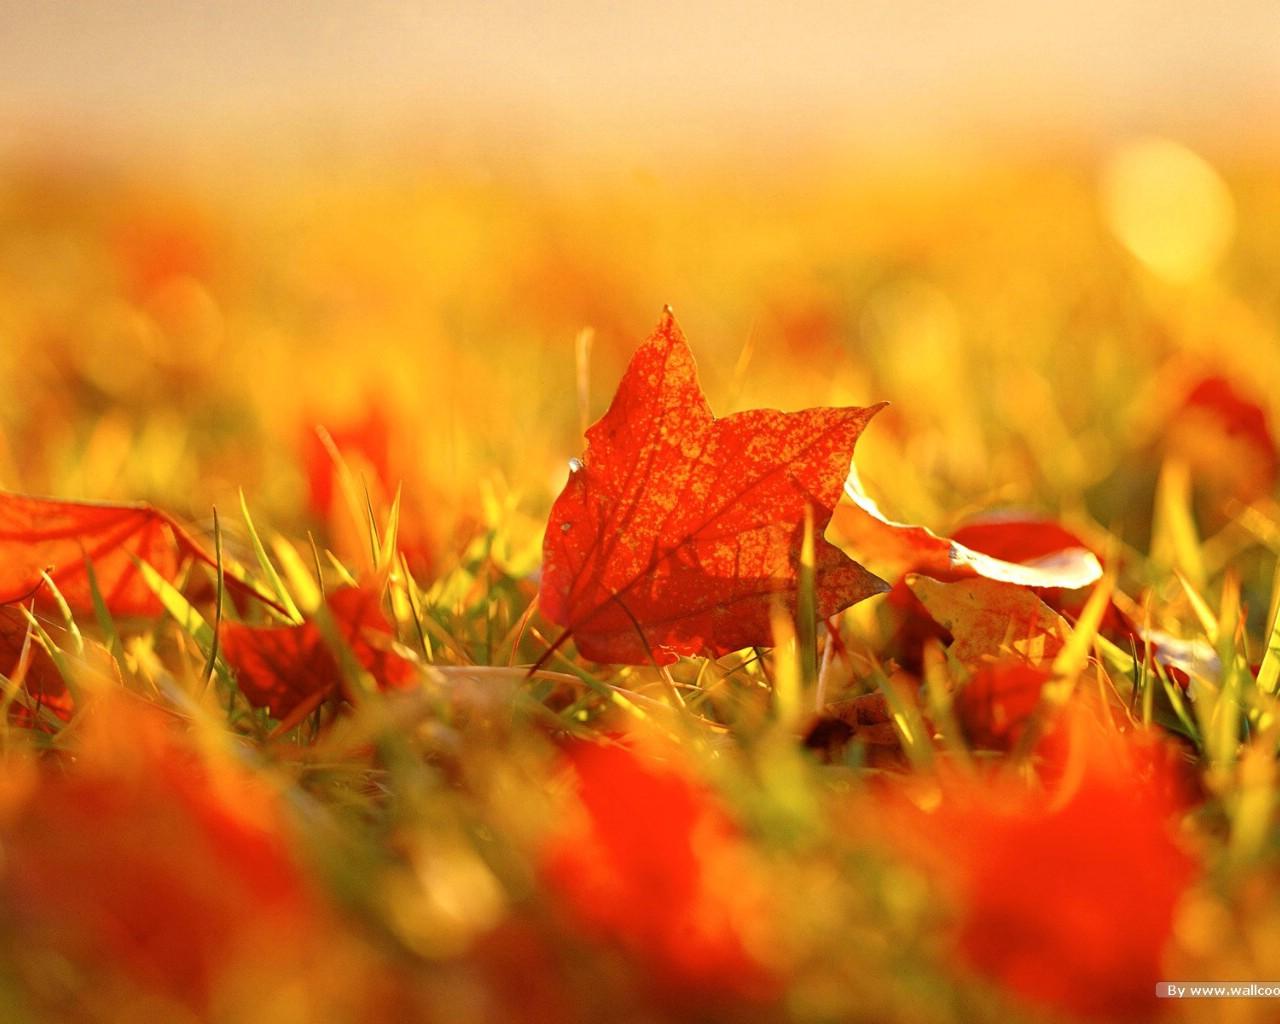 浓浓秋色秋天树叶摄影壁纸图片风景壁纸风景图片素材